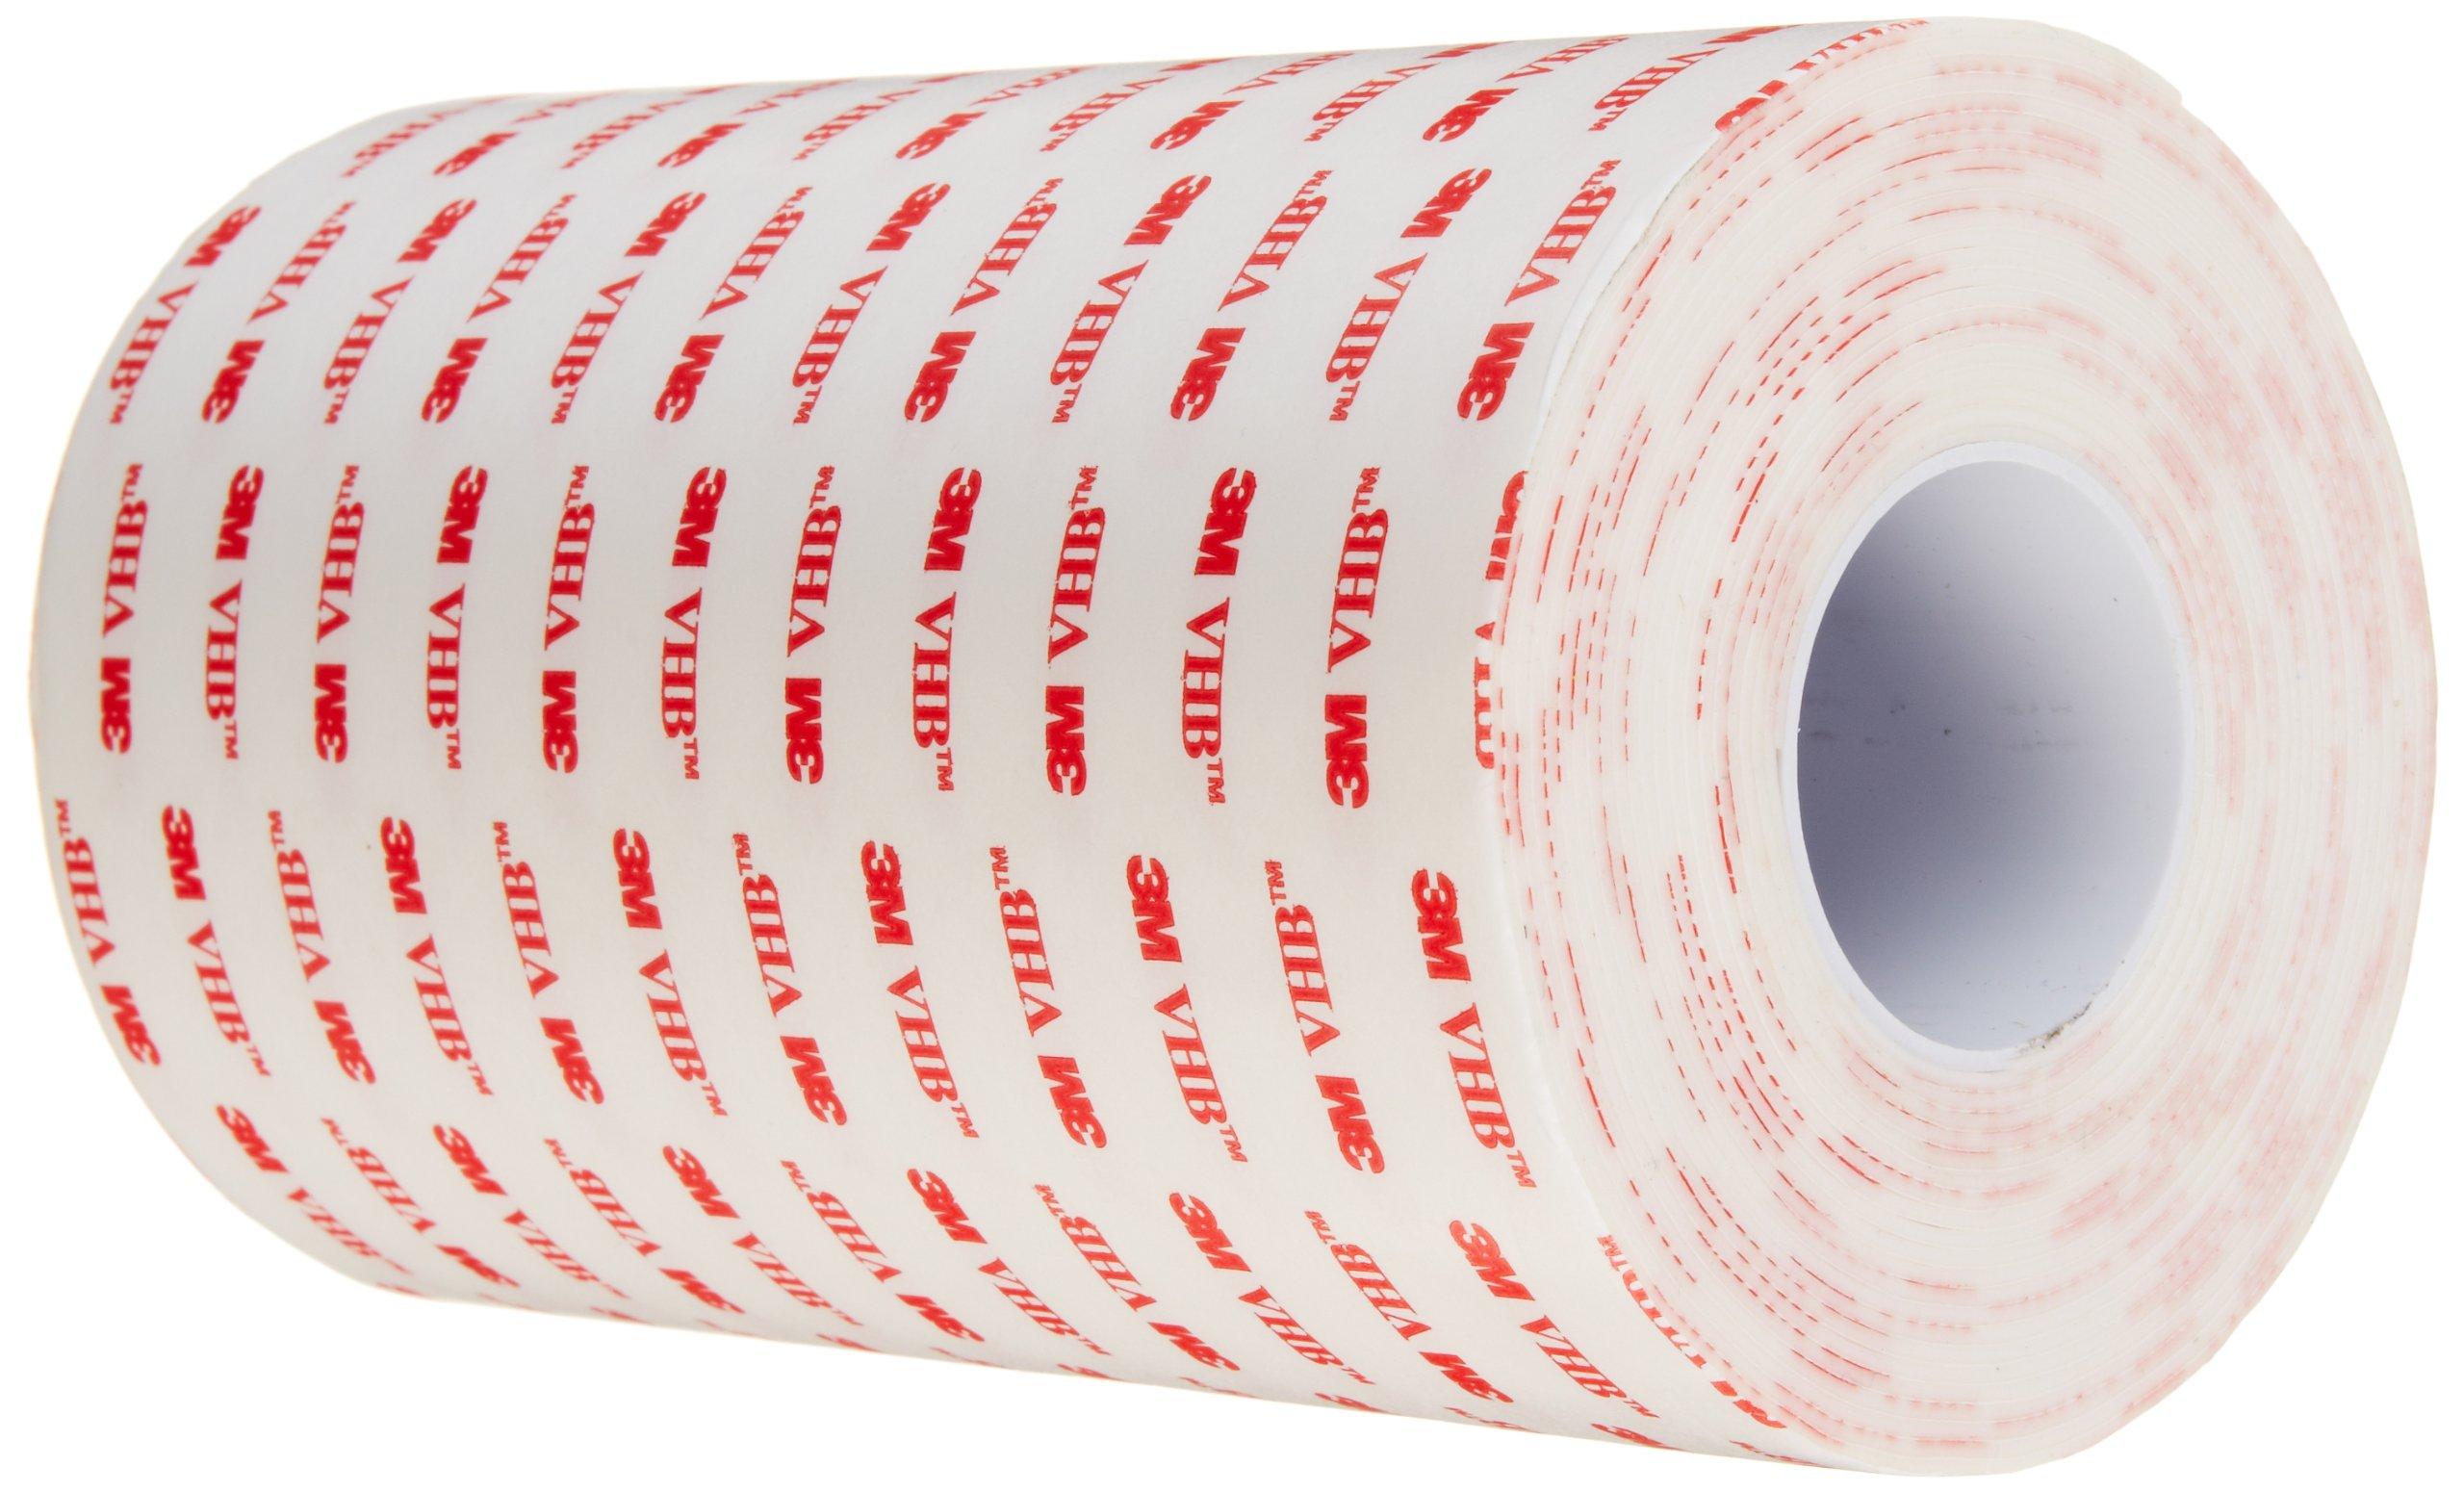 3M VHB Tape 4950, 6 in width x 5 yd length (1 Roll)